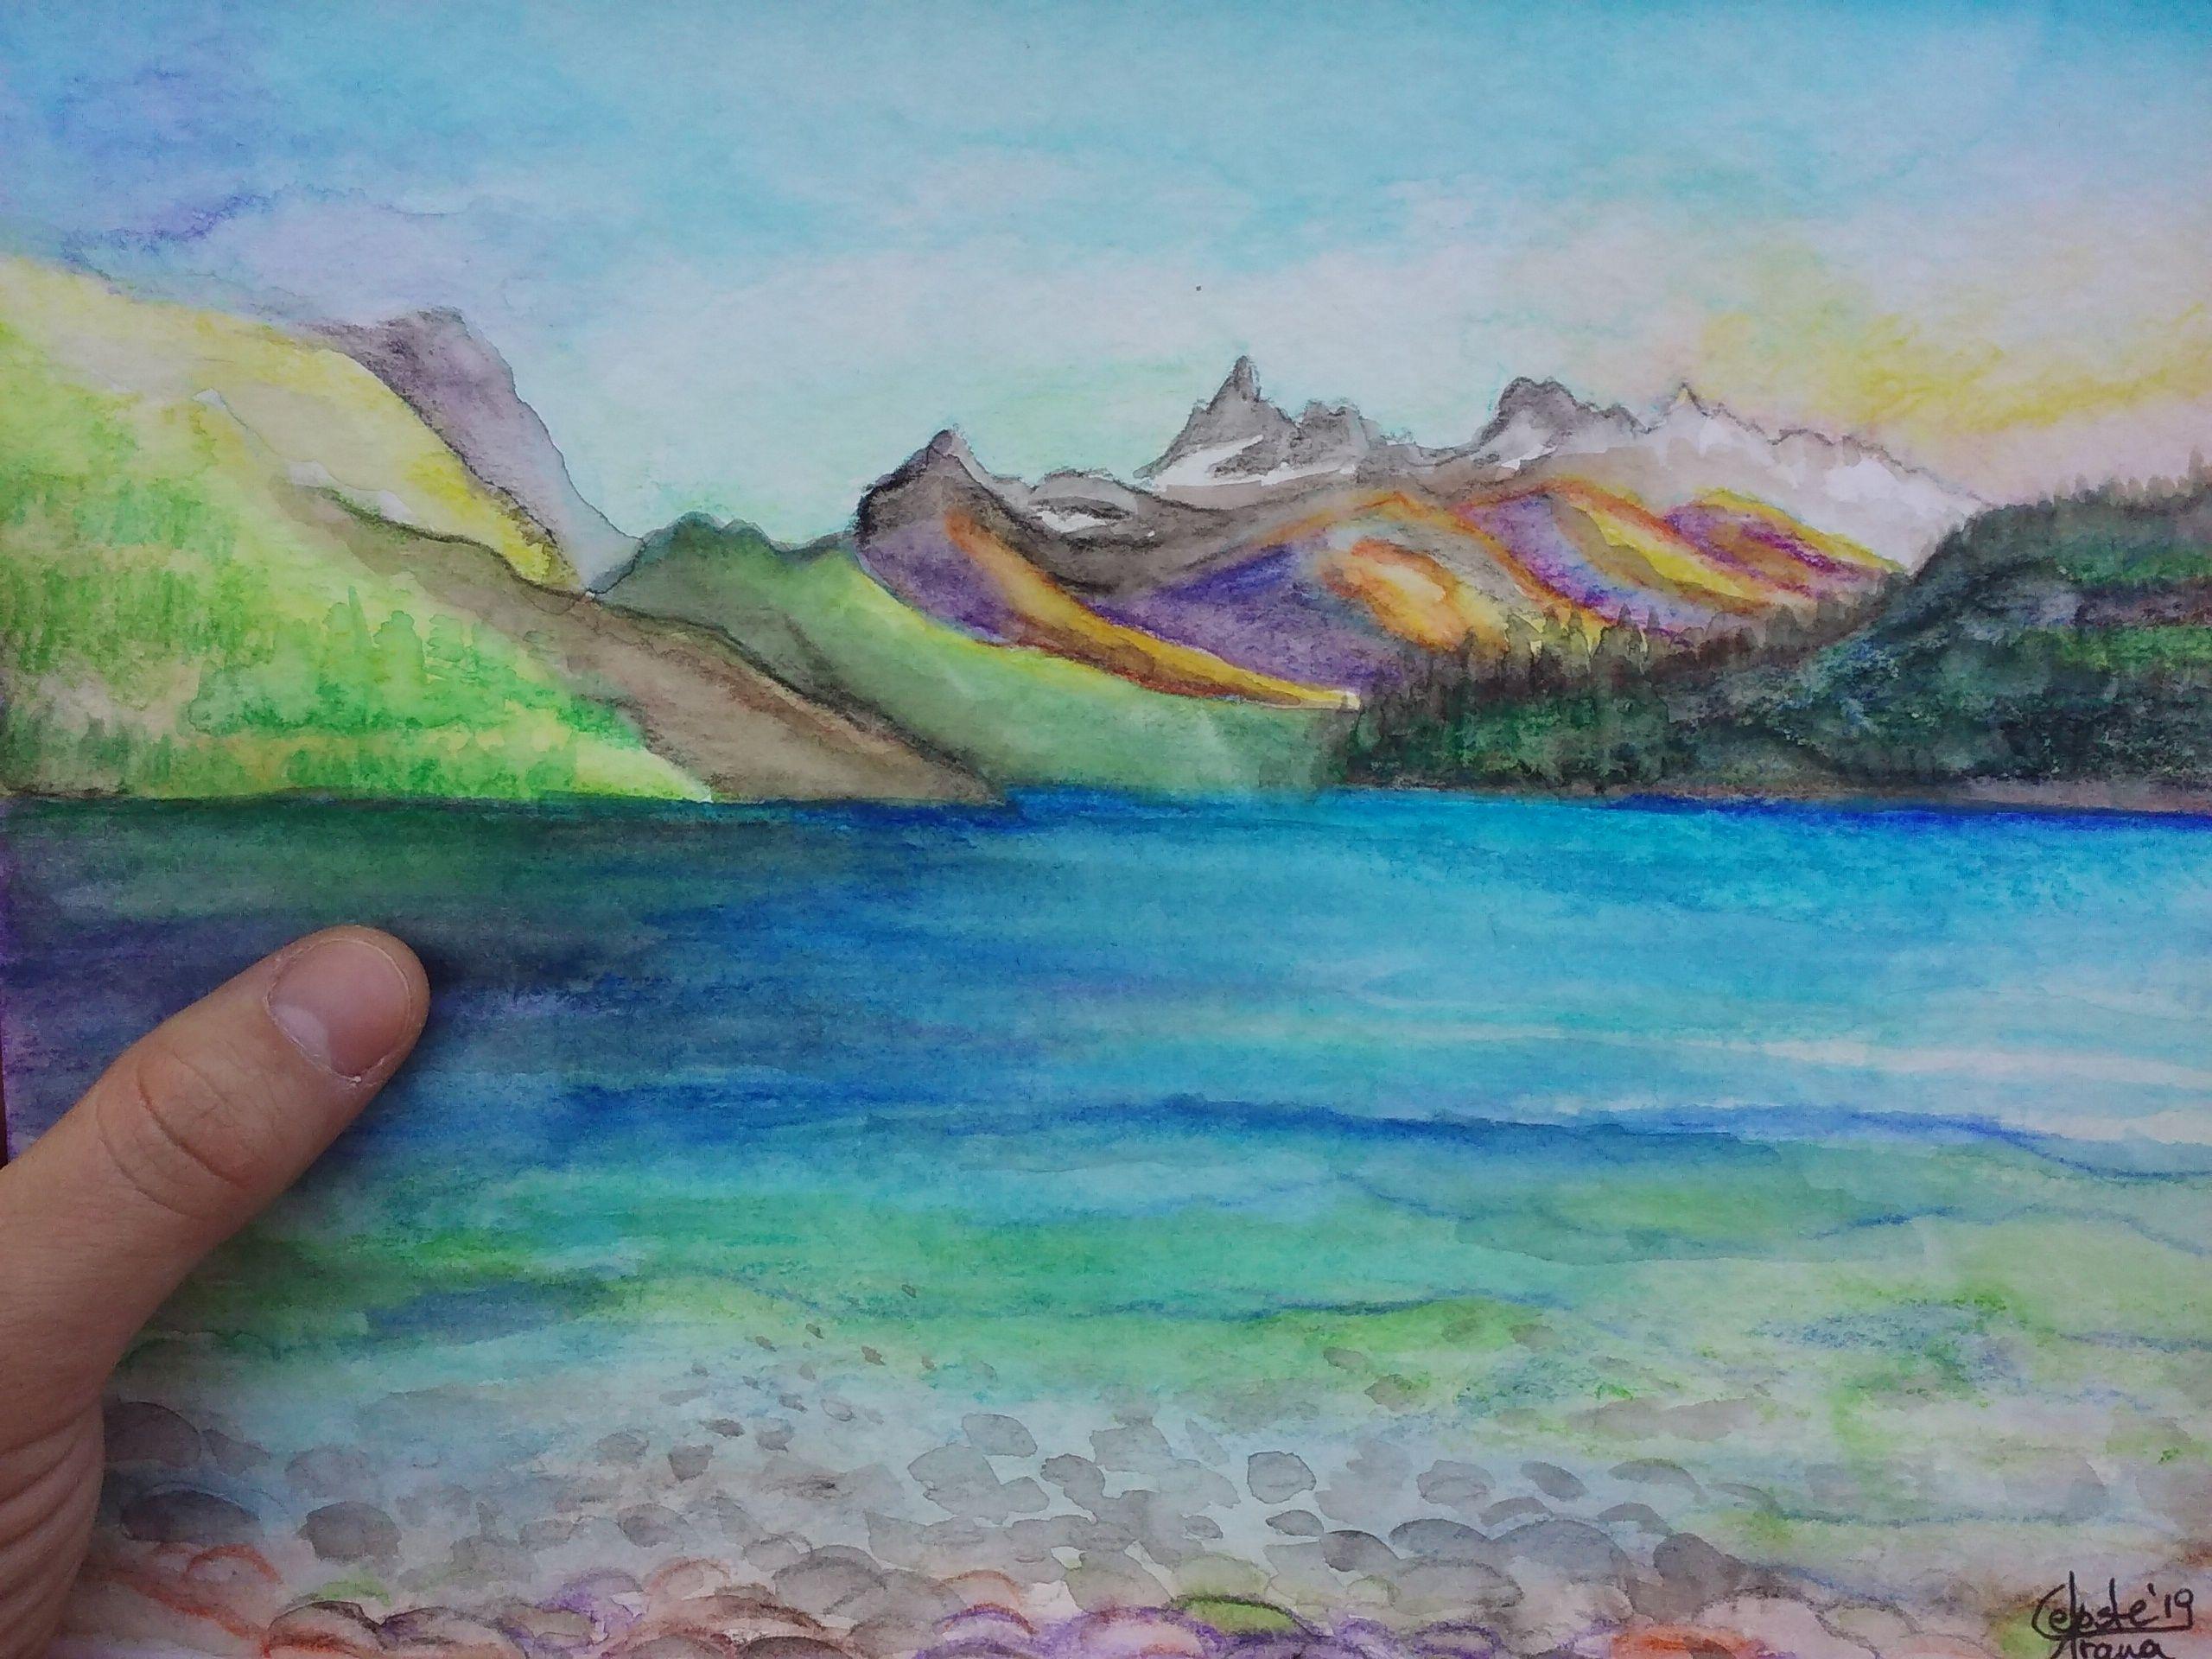 Lapices Acuarelables Paisaje De Lago Puelo Provincia De Chubut Argentina Lapices De Acuarela Tabla Periodica De Los Elementos Quimicos Pinturas